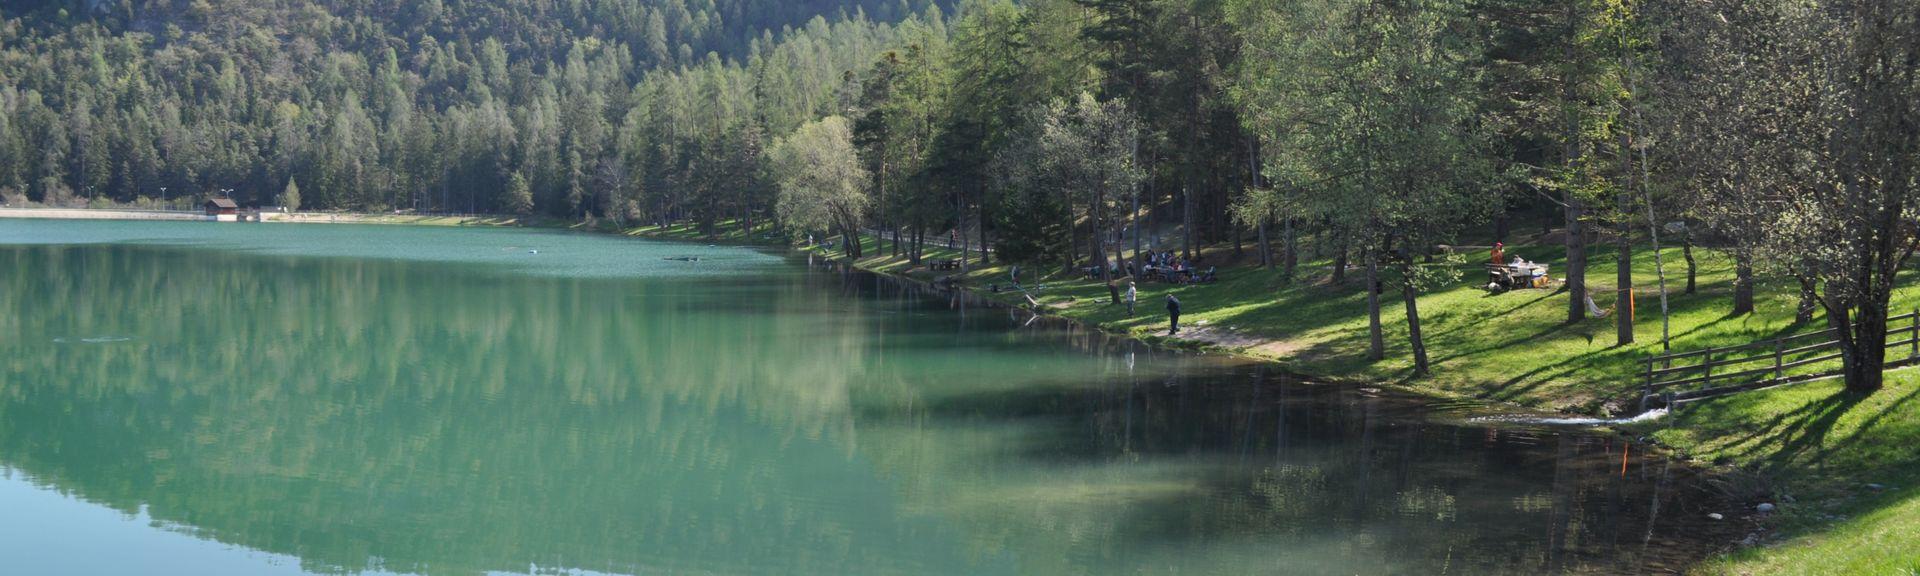 Denno, Trento, Trentino-Alto Adige/South Tyrol, Italy